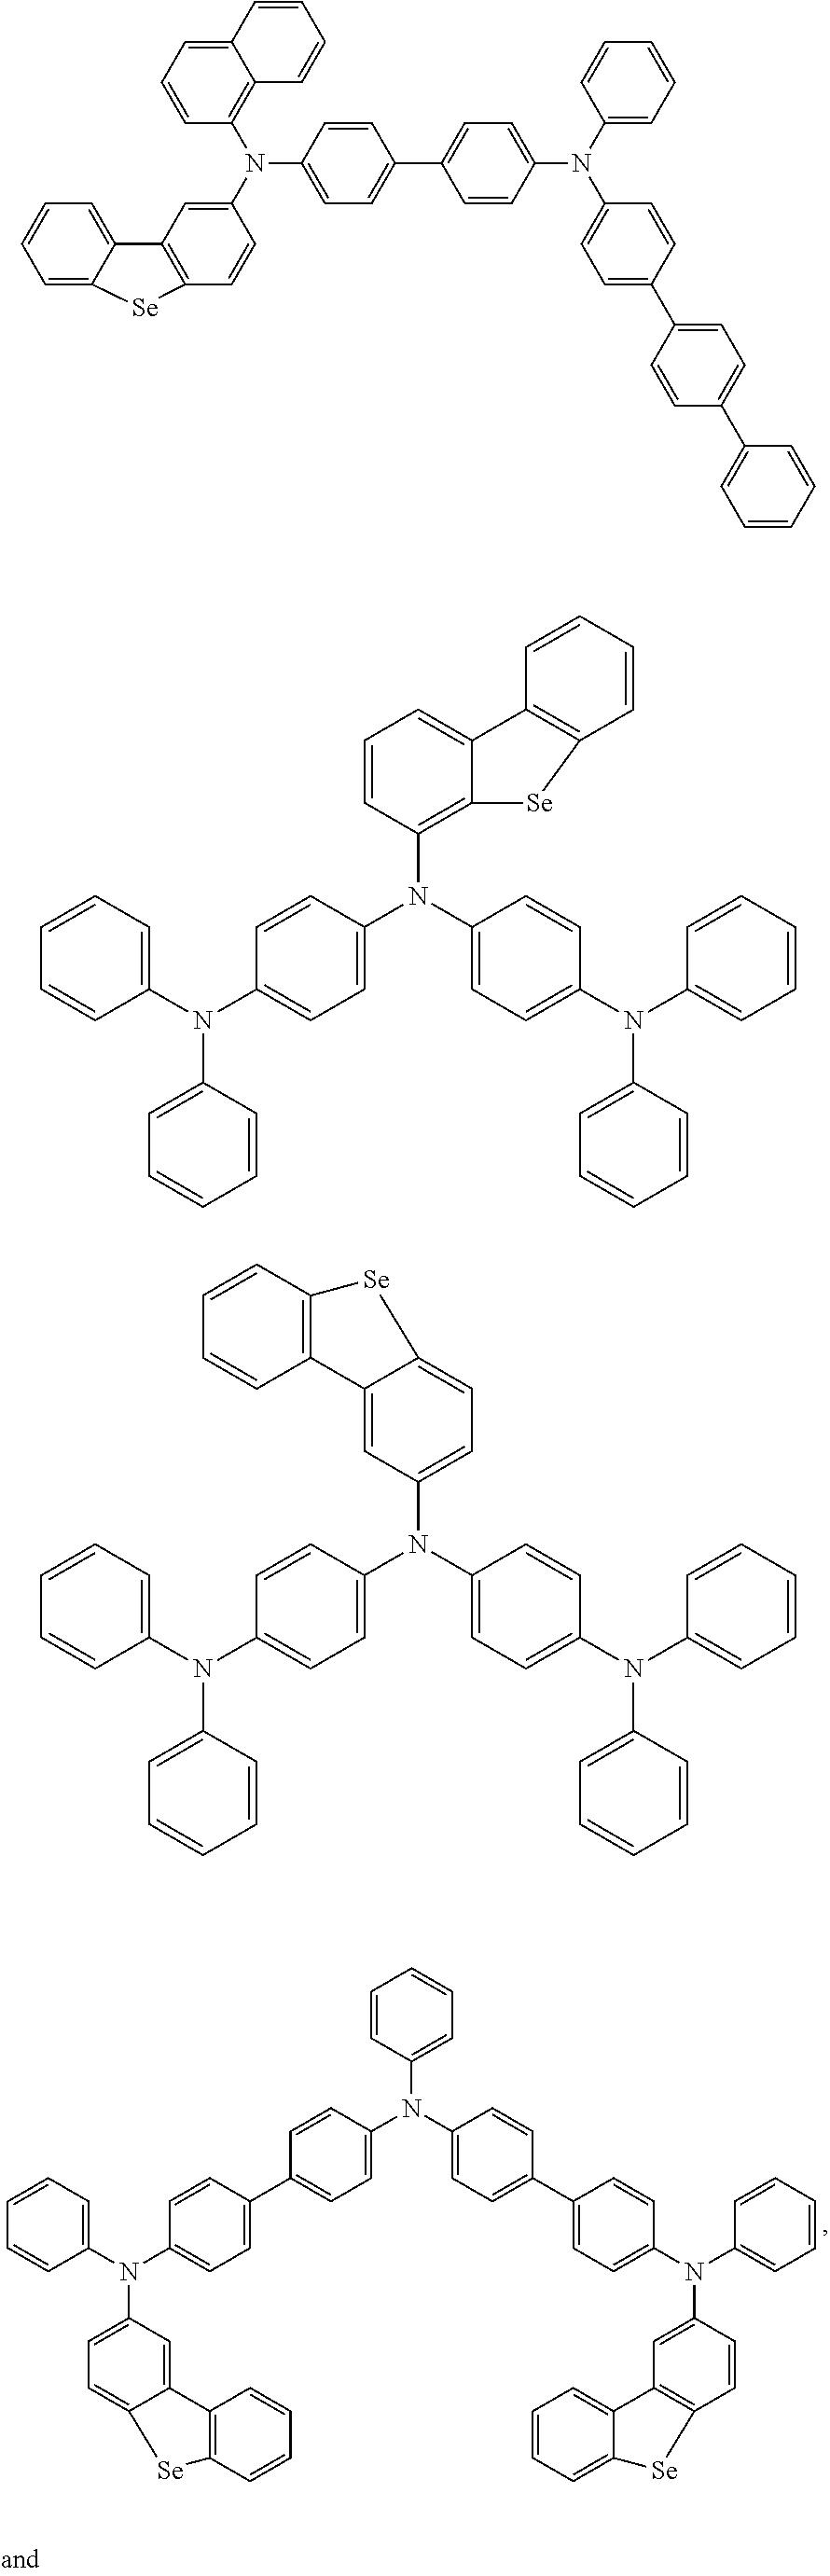 Figure US09455411-20160927-C00201